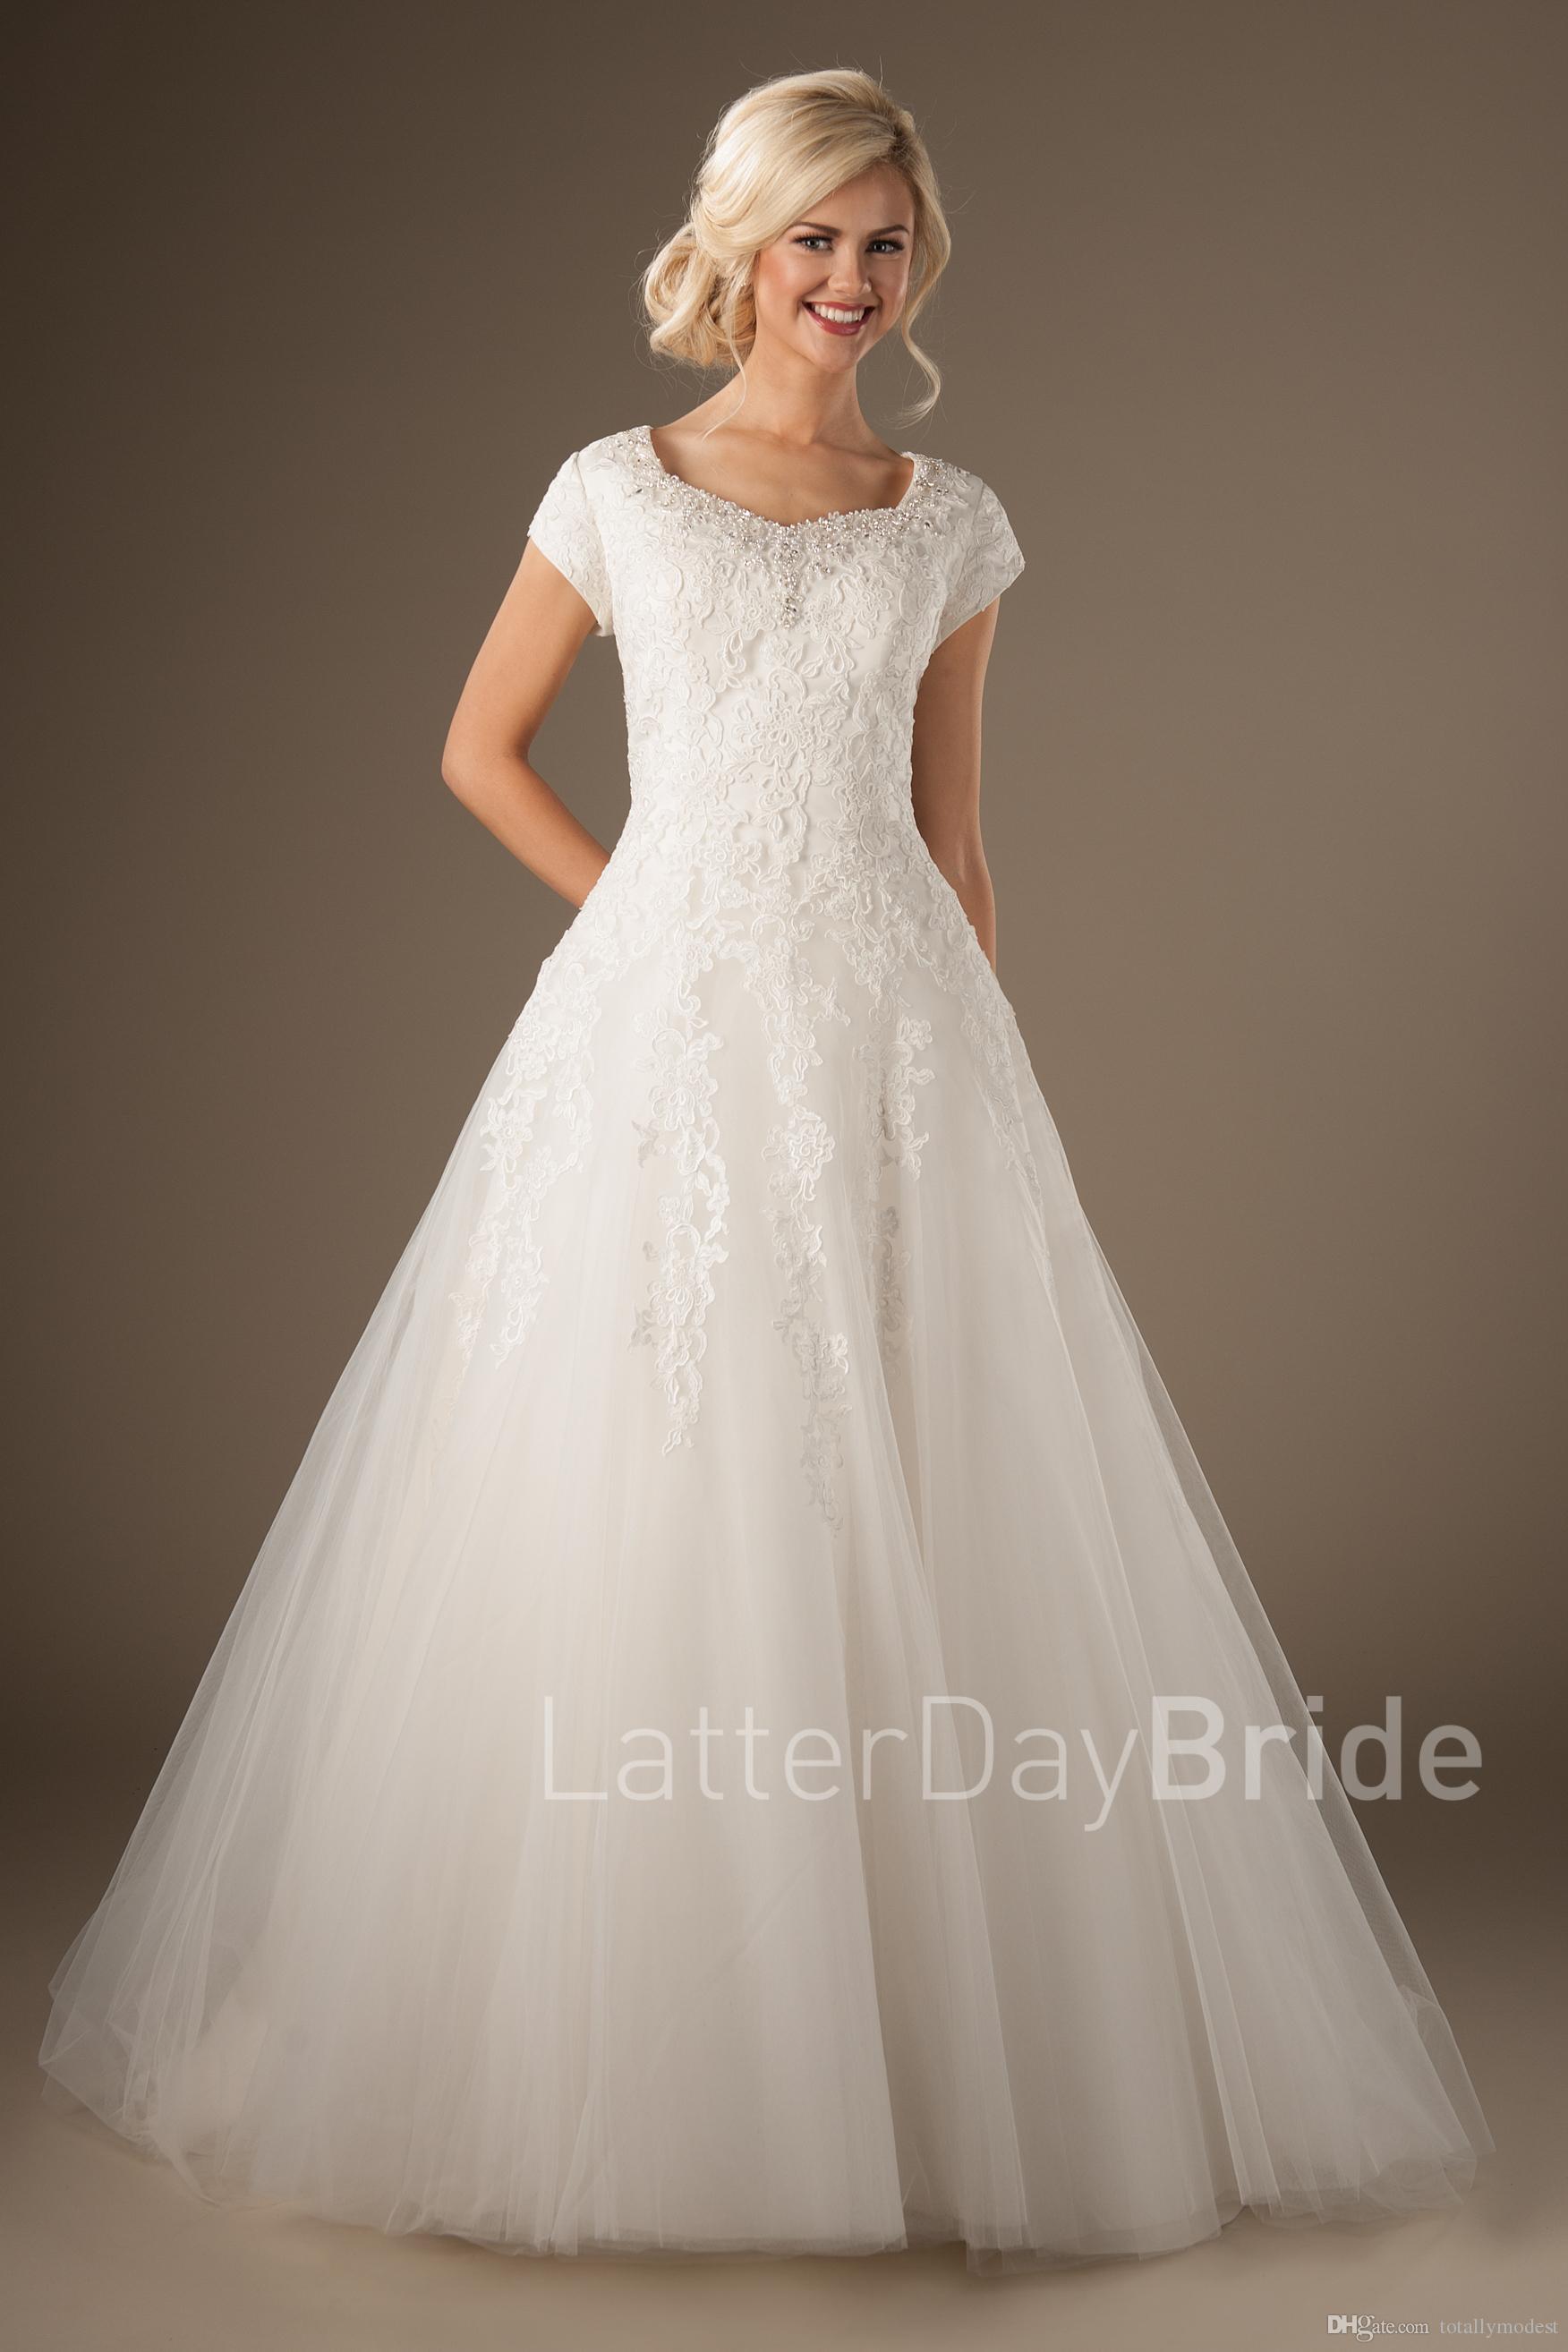 Novos vestidos de noiva modestos com mangas frisadas decote botões de volta apliques de renda uma linha de tule país ocidentais vestidos de noiva custom made